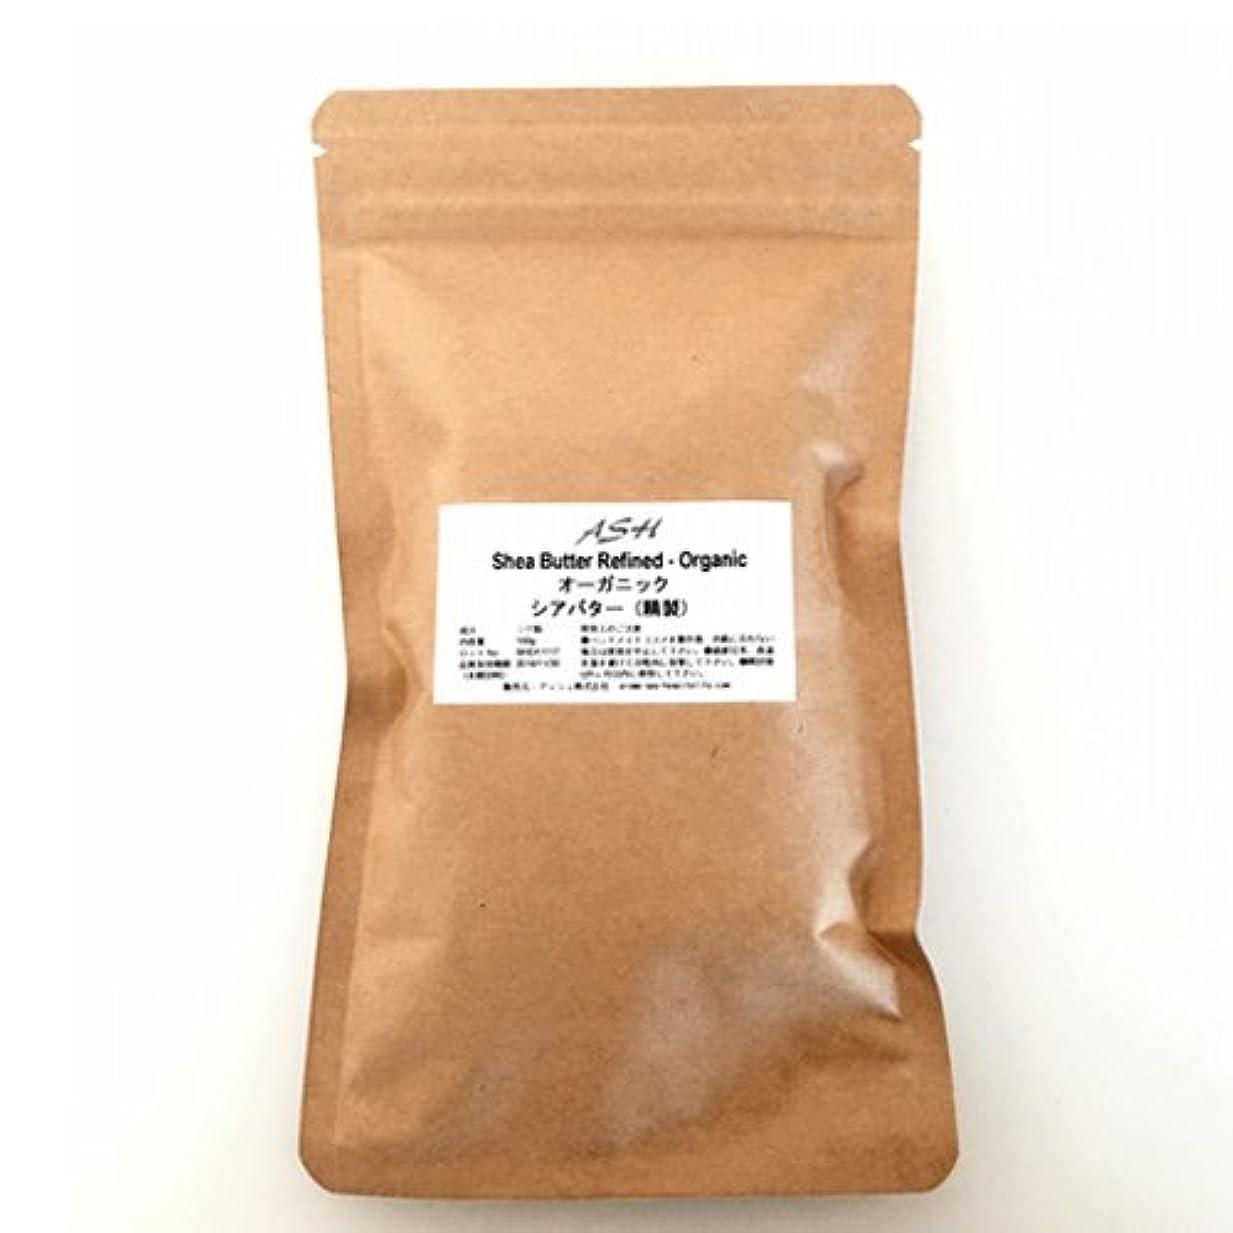 説得力のある作動する堤防シアバター (精製) オーガニック 100g 【無添加/植物性】